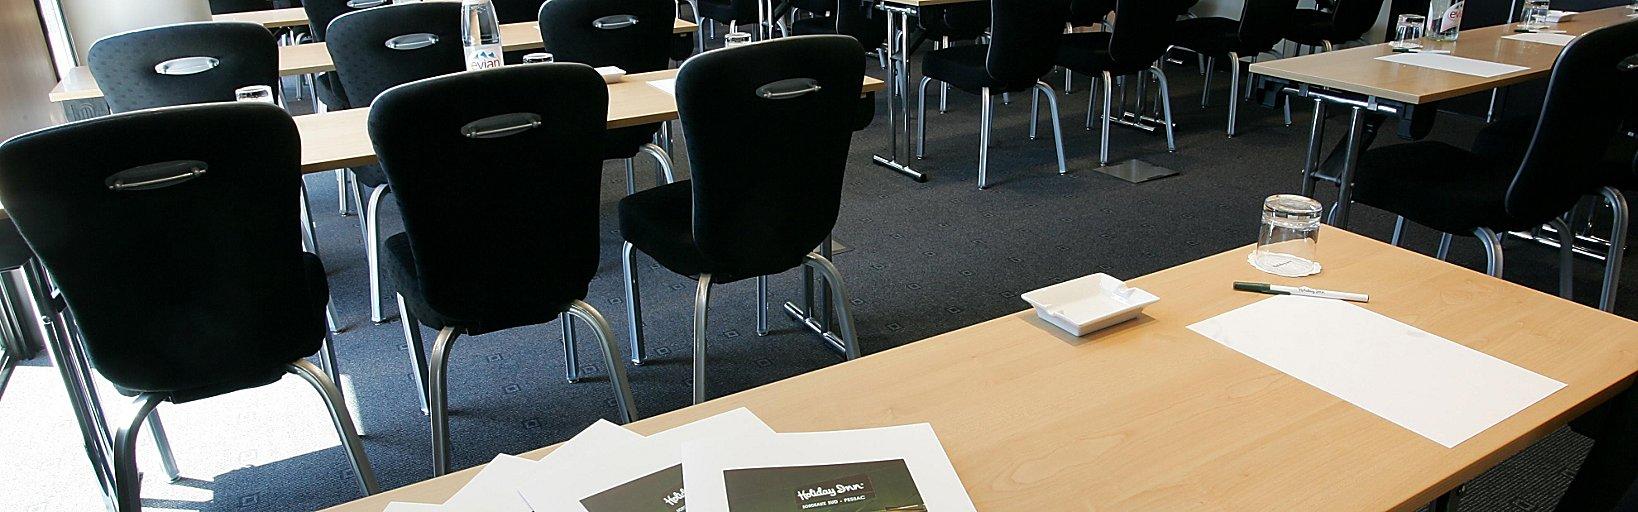 bordeaux meeting ügynökség